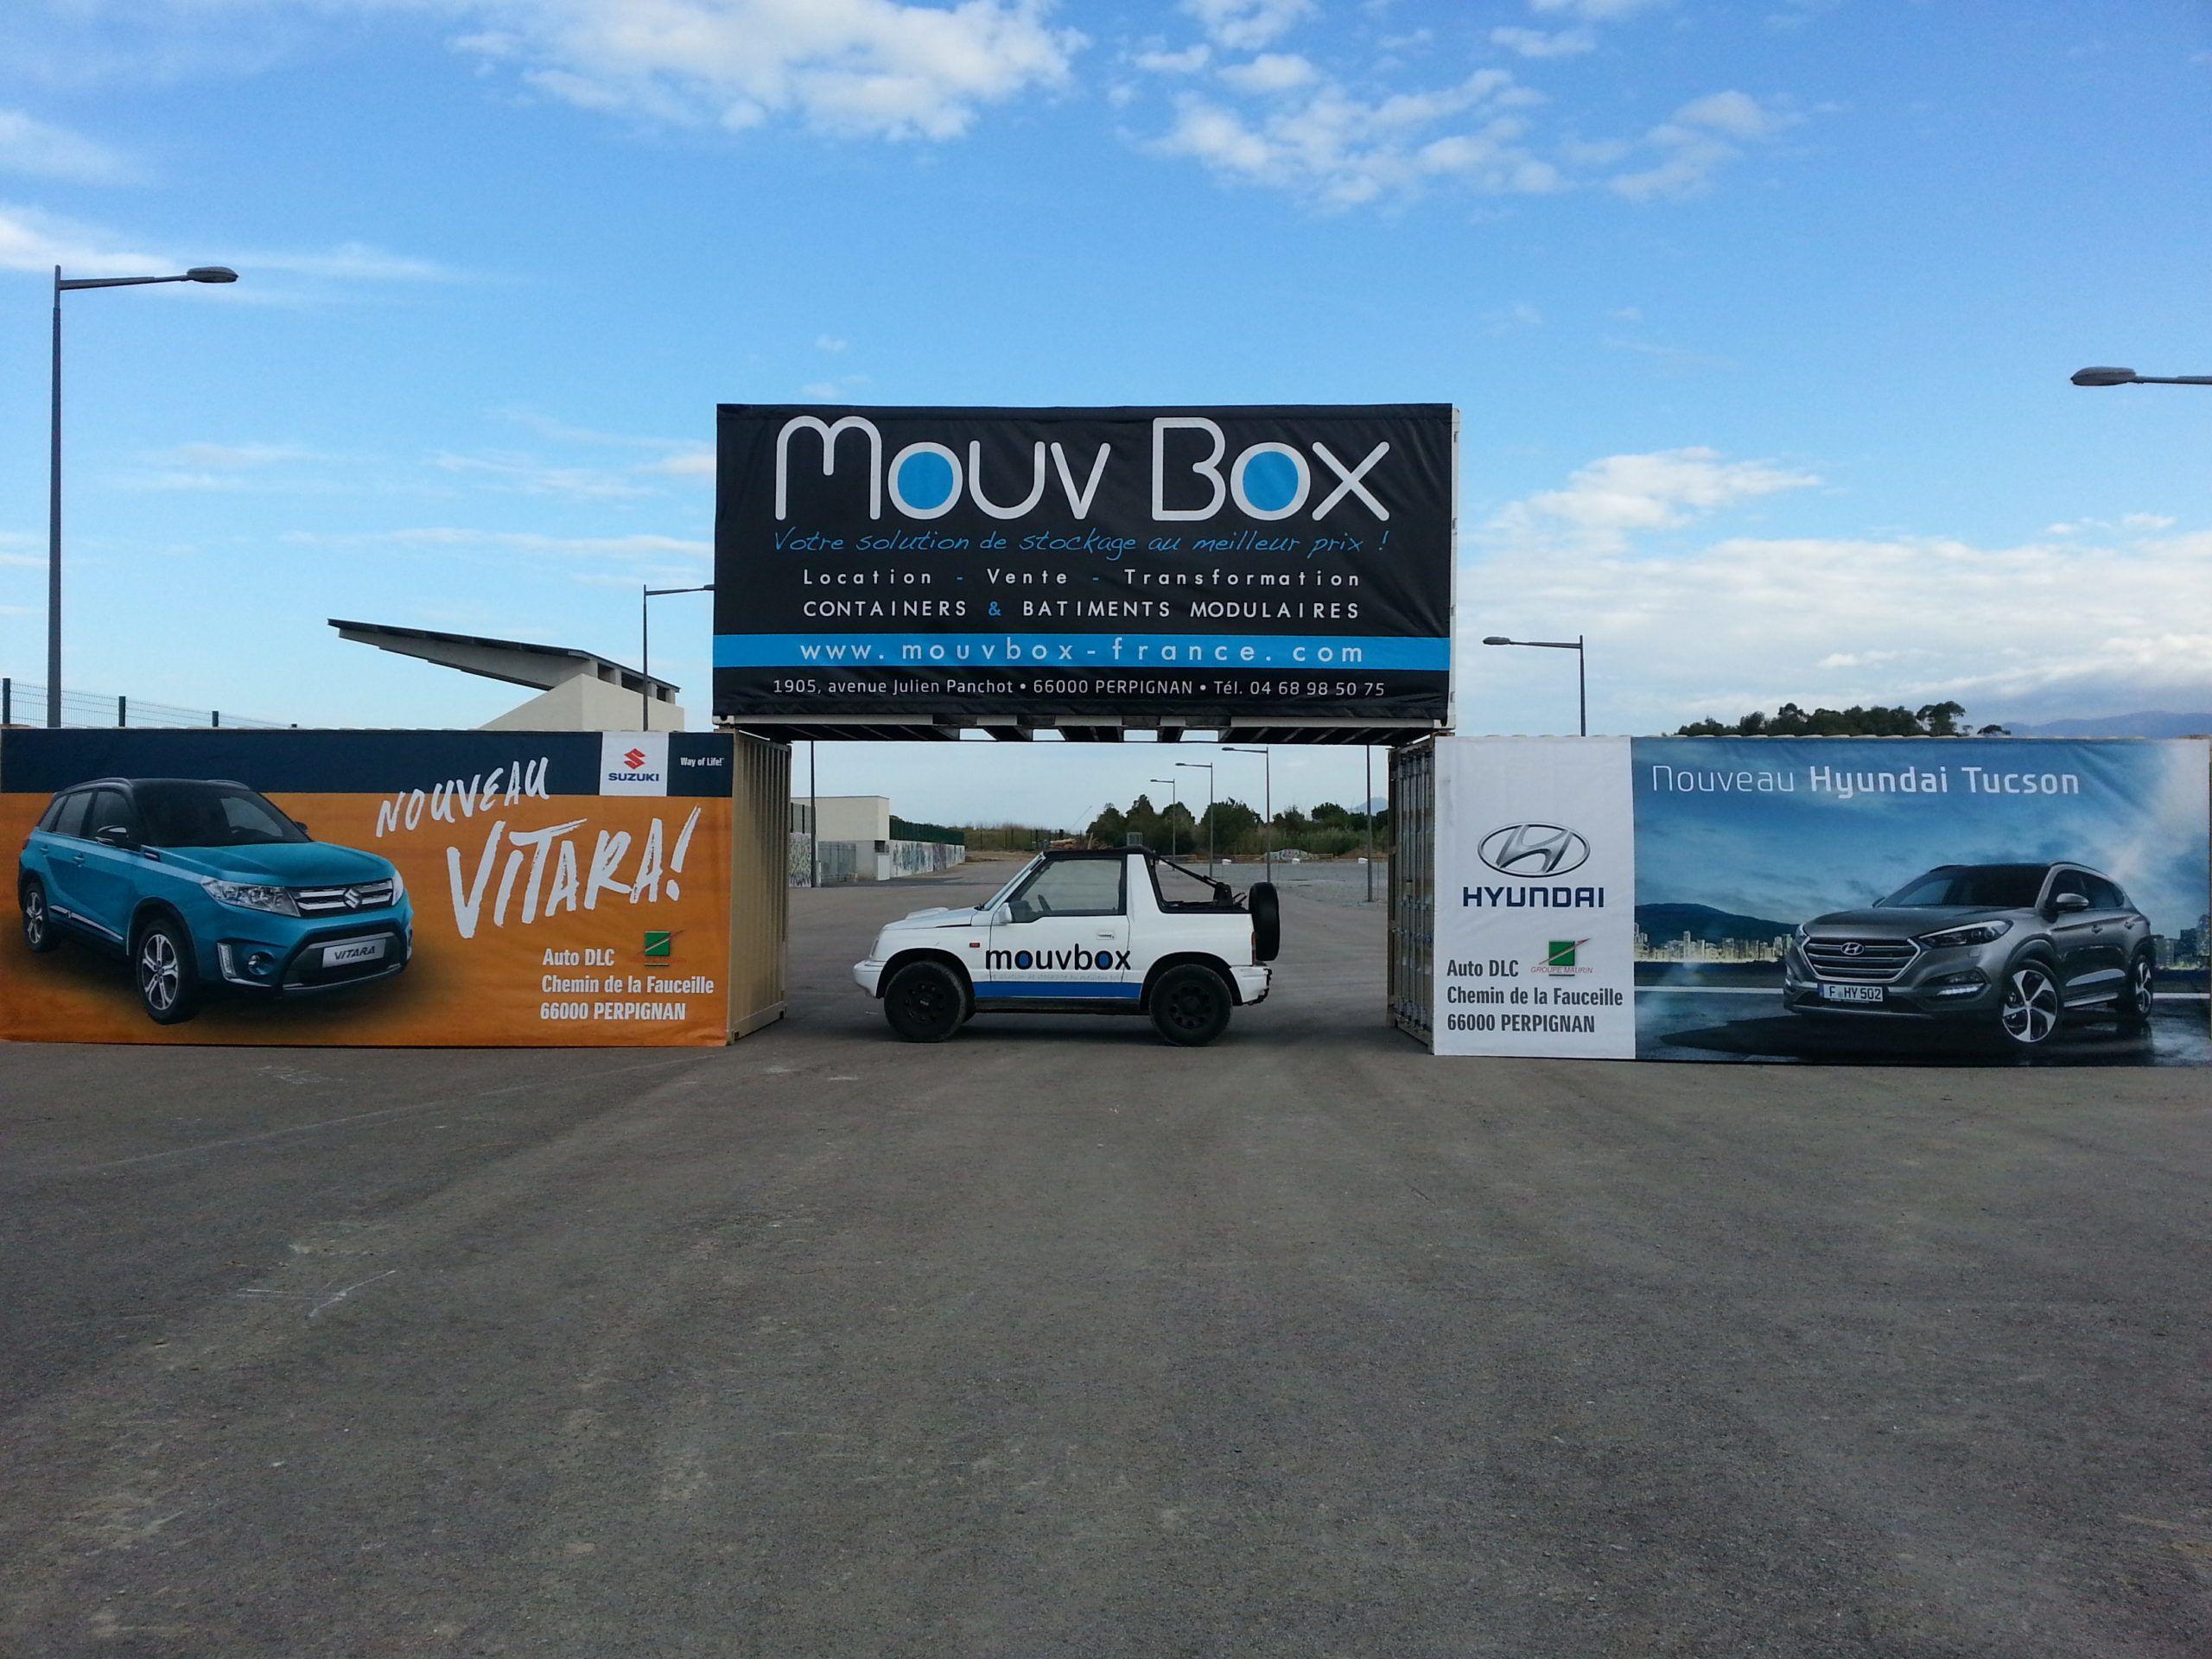 container-conteneur-20'-evenement-wheelz-festival-fise-www.mouvbow-france.com.jpg